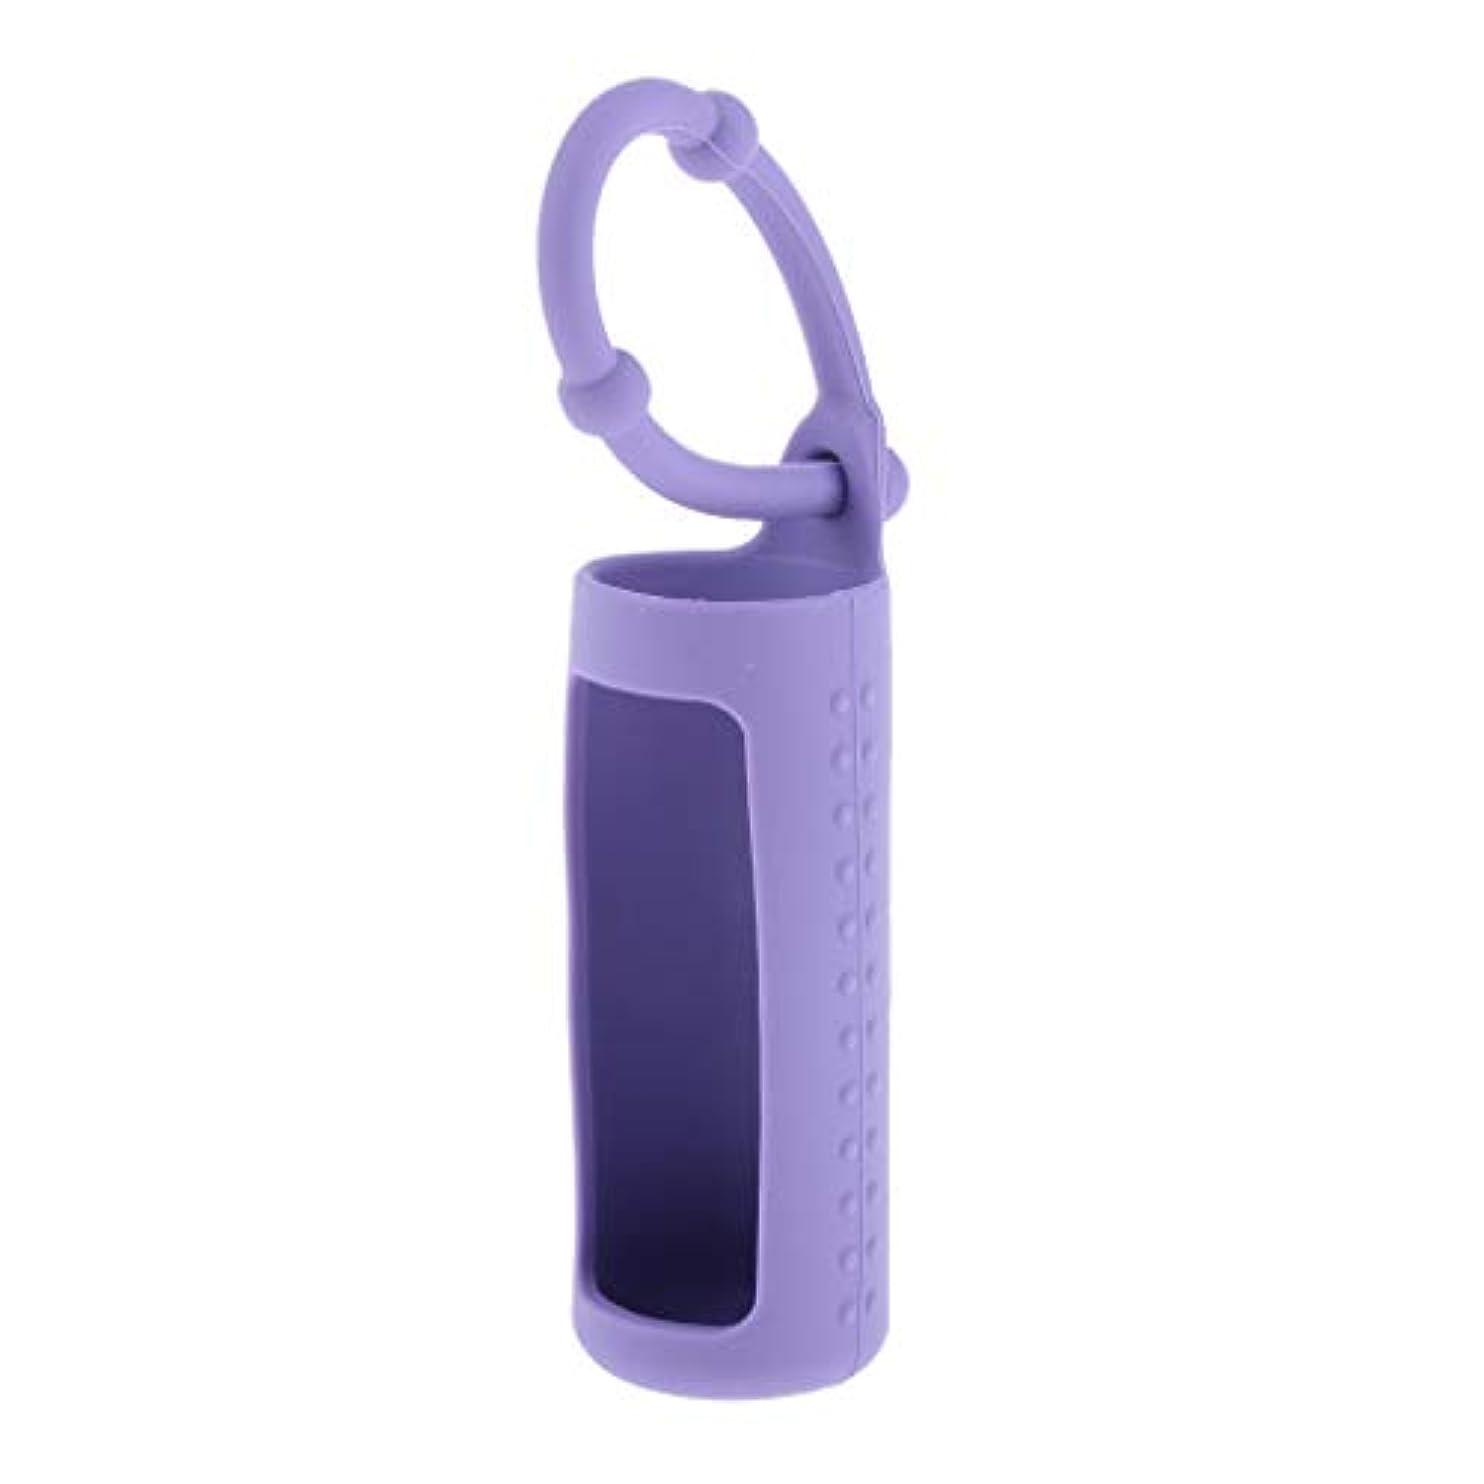 メイエラ一緒わなdailymall エッセンシャルオイル 精油 香水ボトル ホルダー 詰替え容器 吊り掛け 10ml 全6色 - 紫